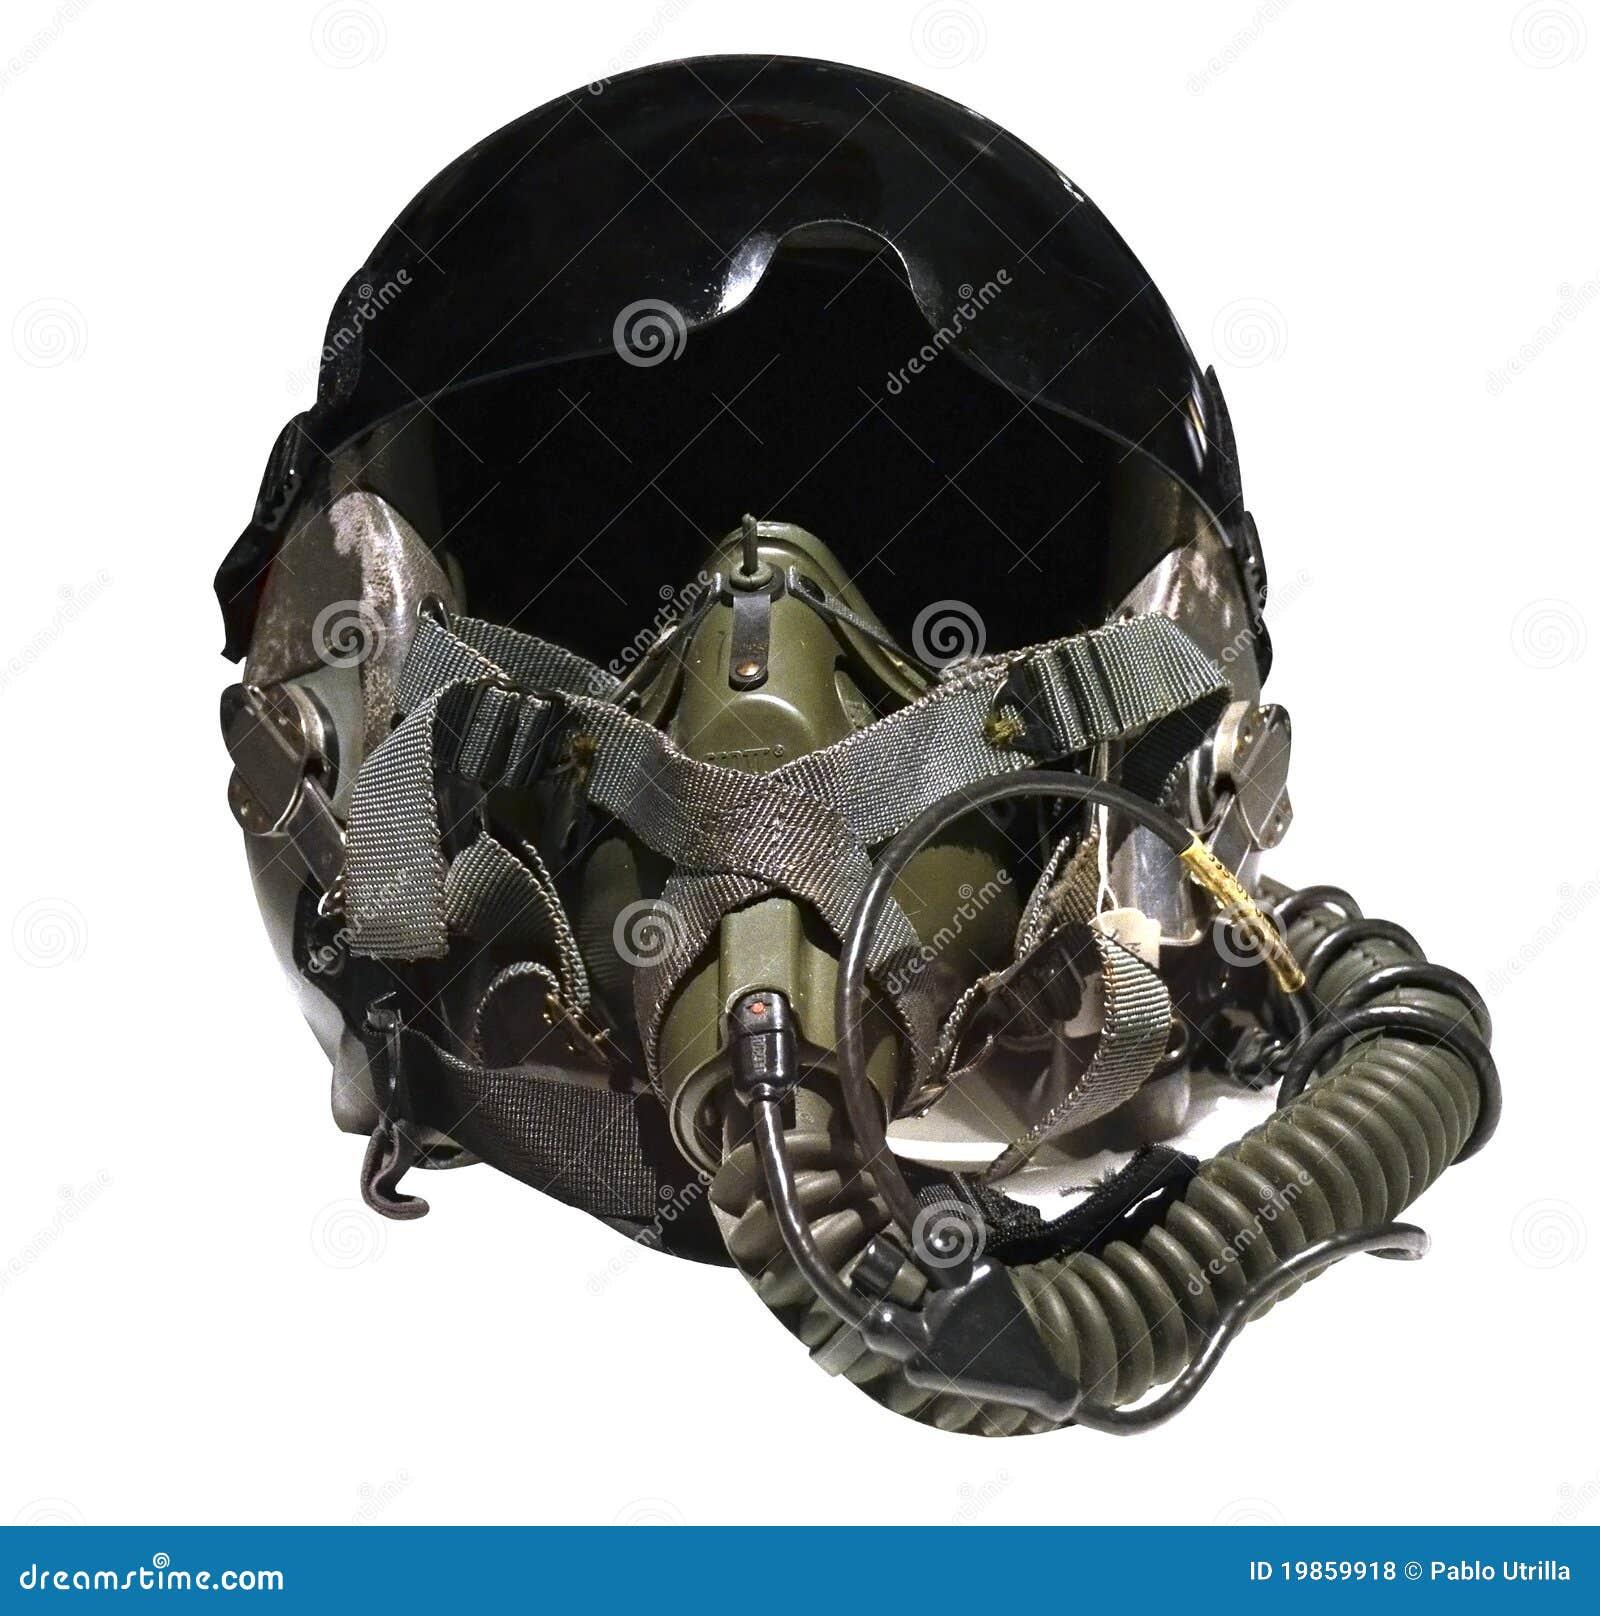 战斗机盔甲飞行员图片